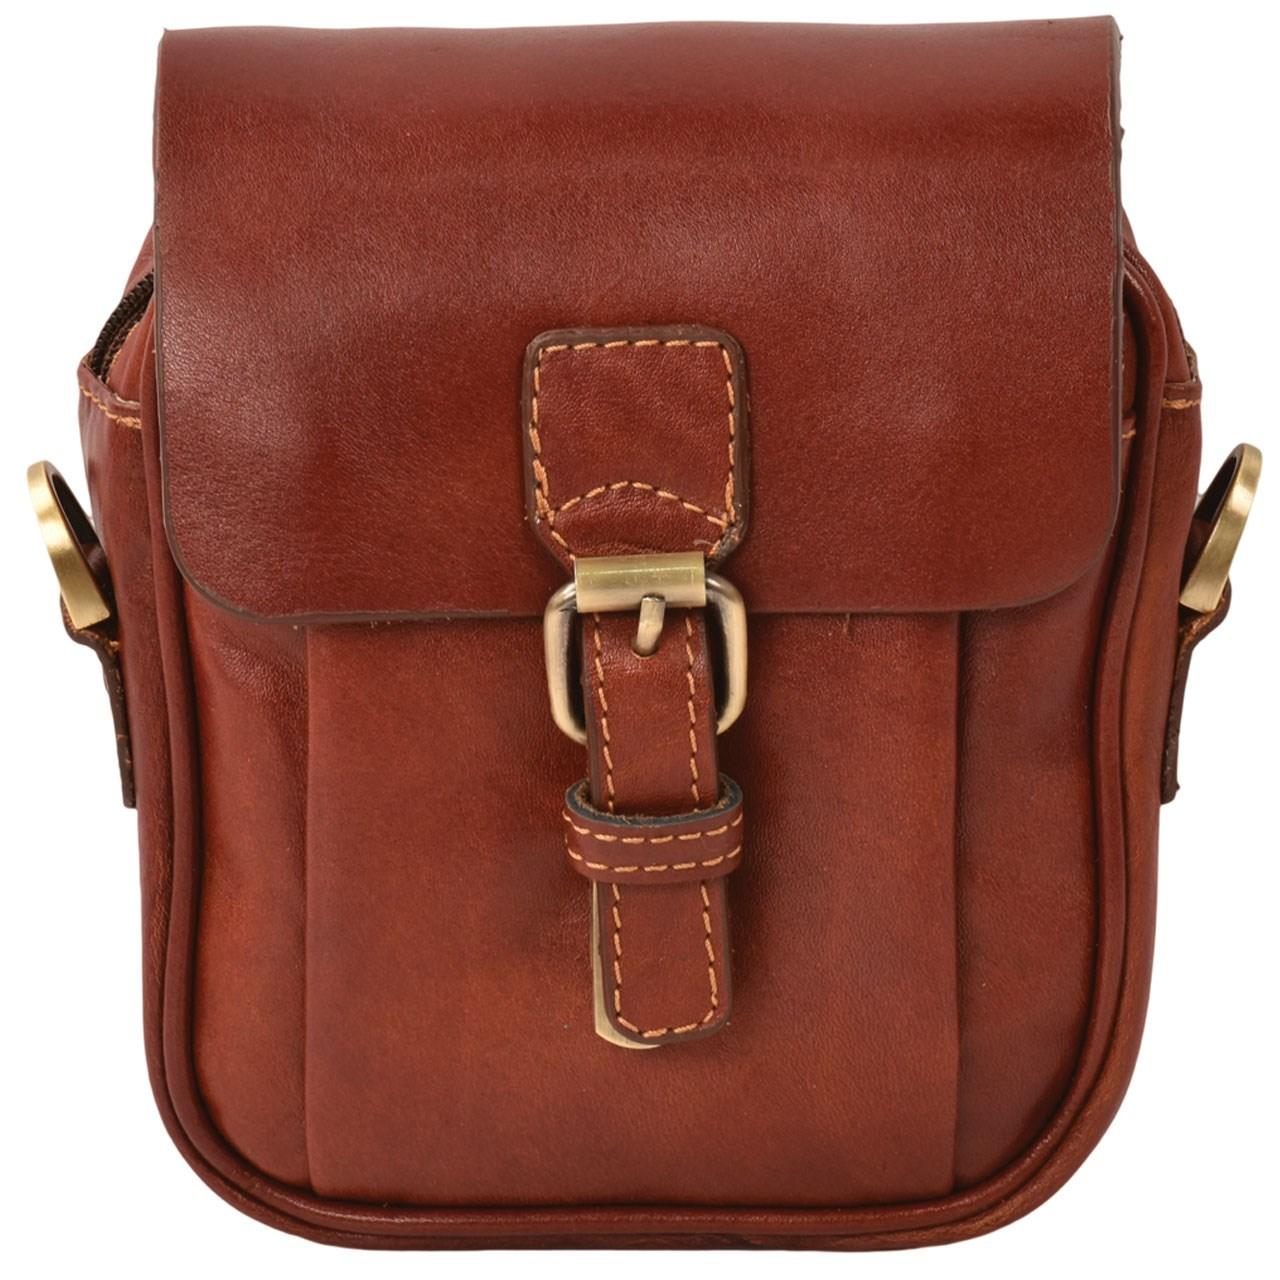 کیف دوشی چرم طبیعی کهن چرم مدل db71-12